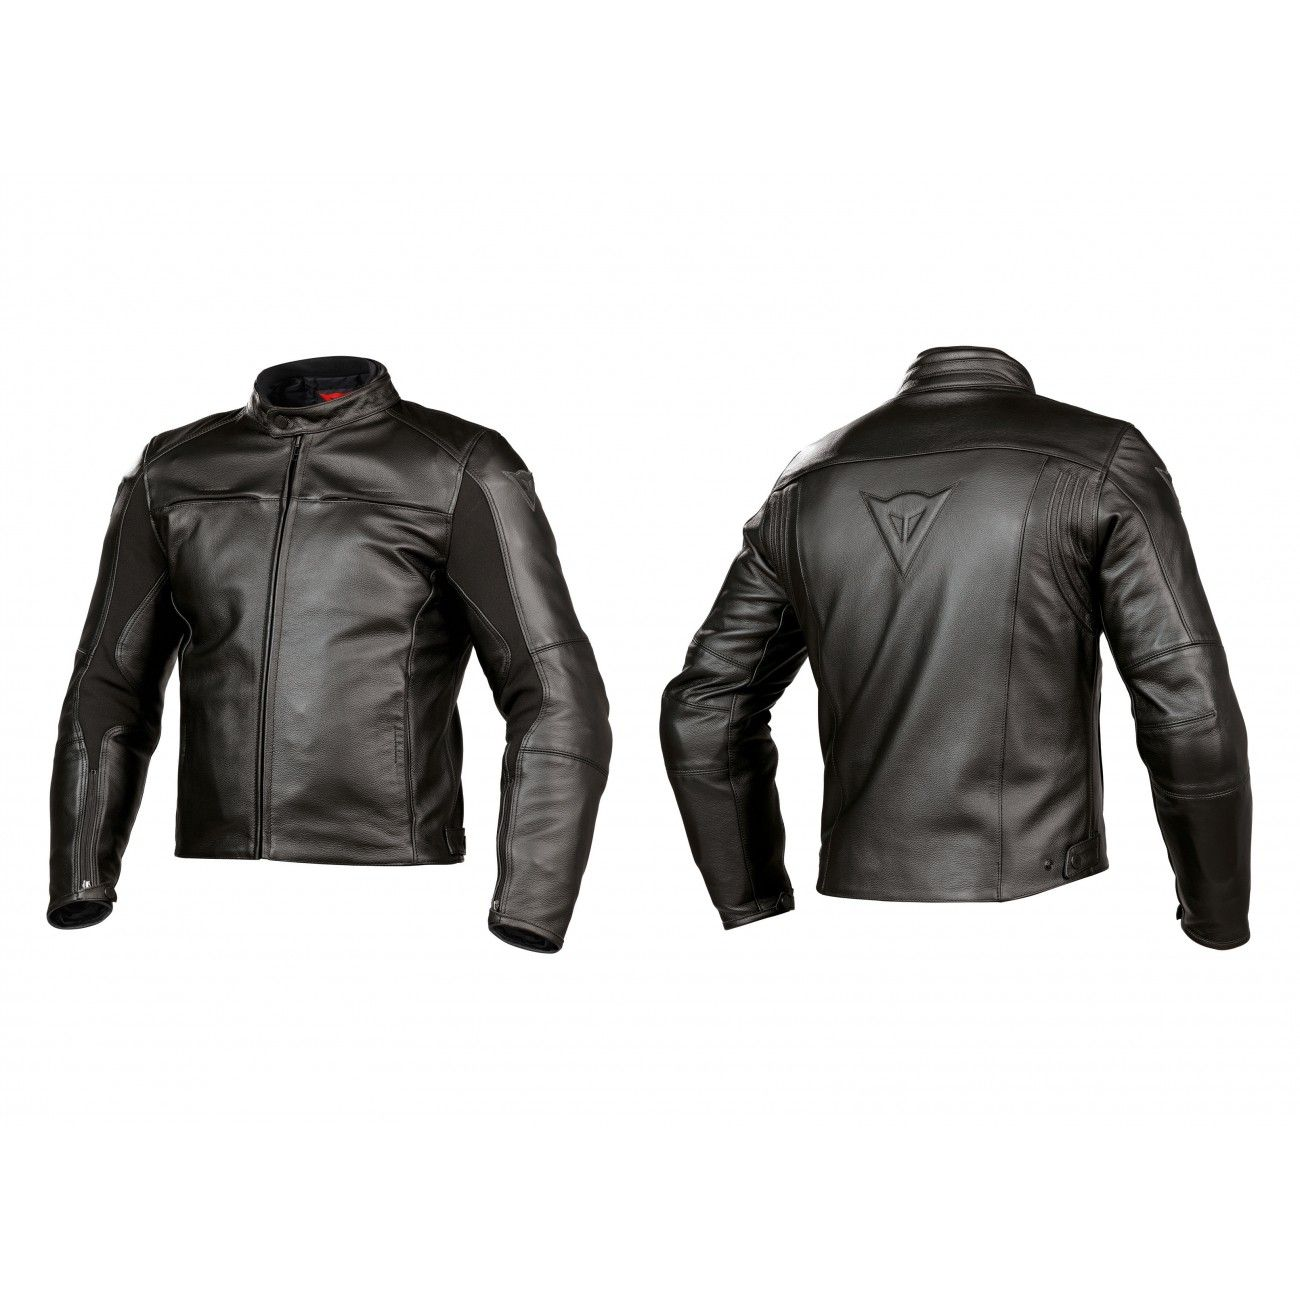 Leather jackets · Dainese Razon Leather Jacket